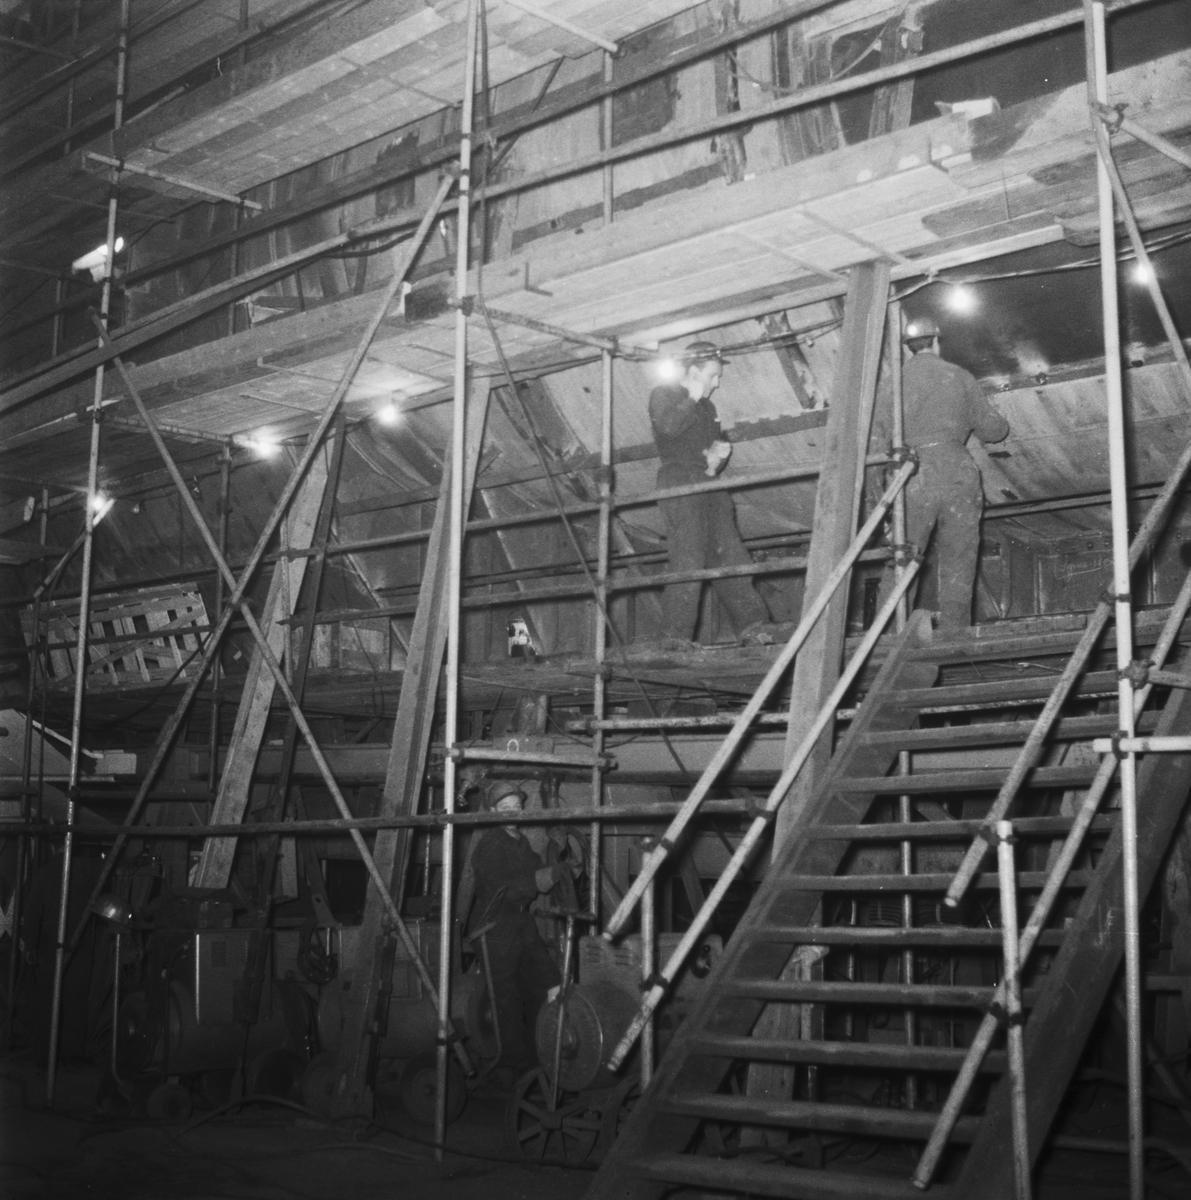 Övrigt: Foto datum: 6/11 1960 Byggnader och kranar Varvsrevyn 1960-1961